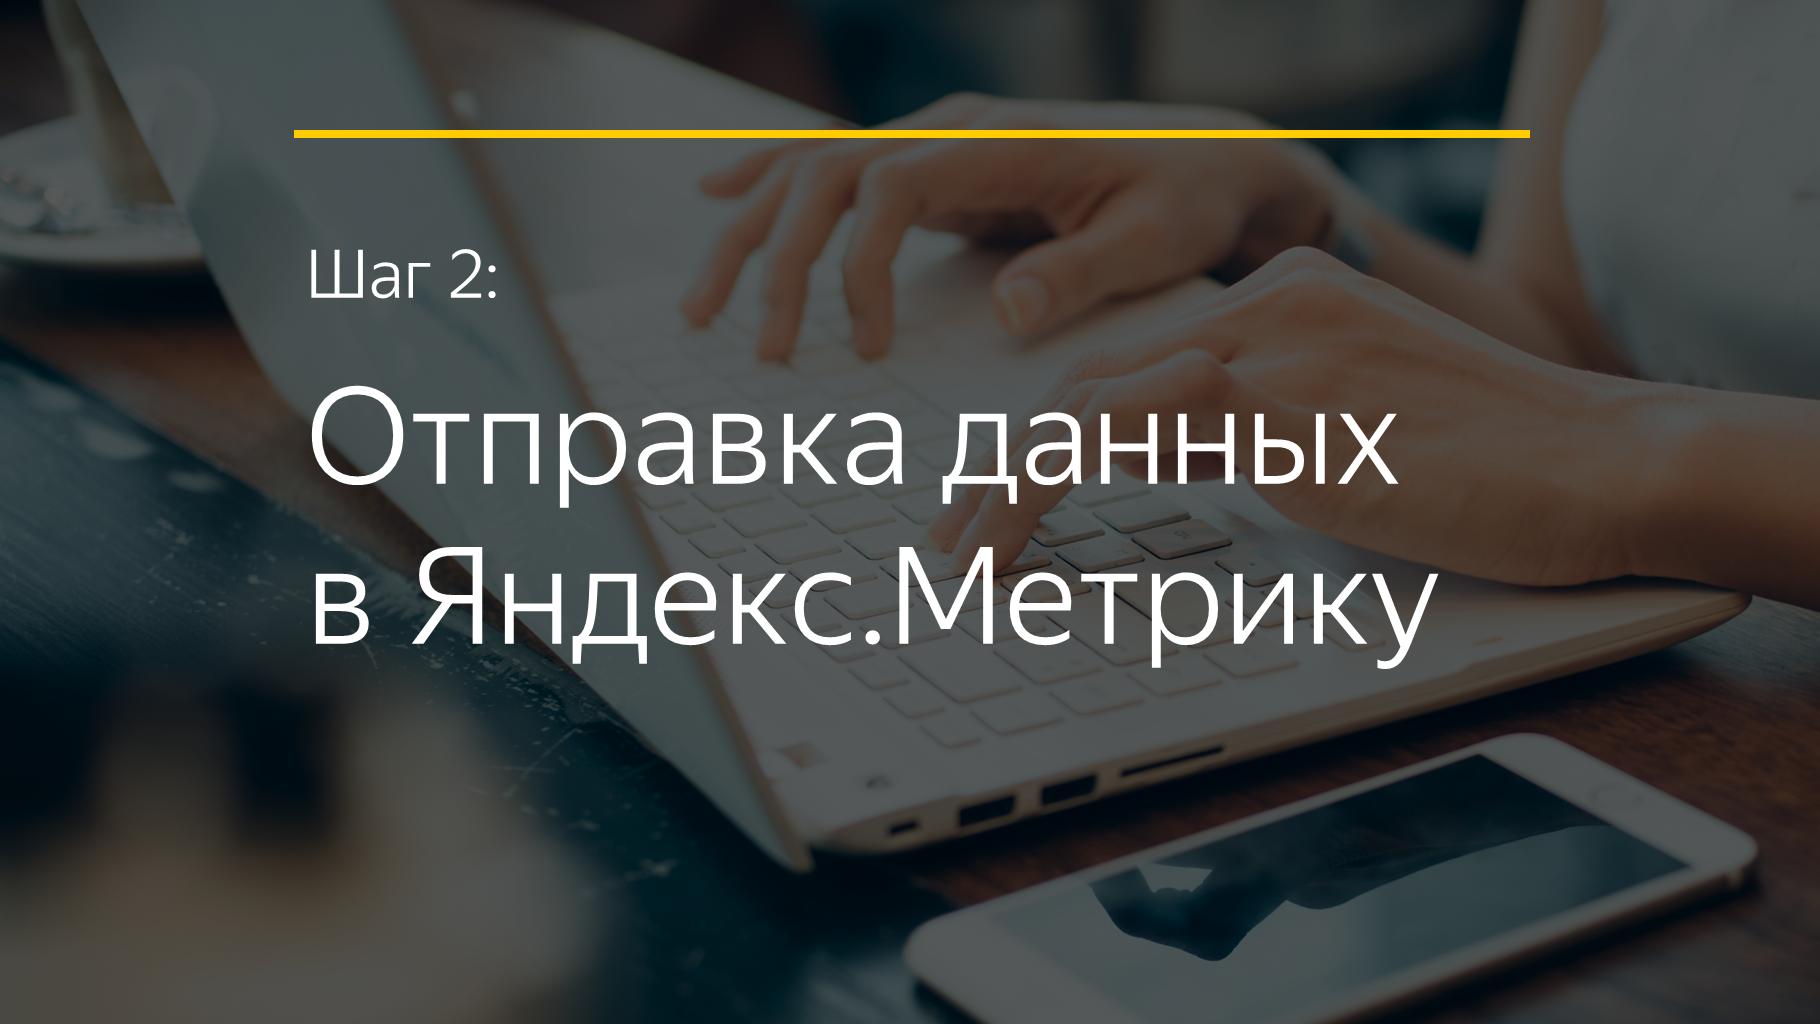 Шаг 2: Отправка данных в Яндекс.Метрику